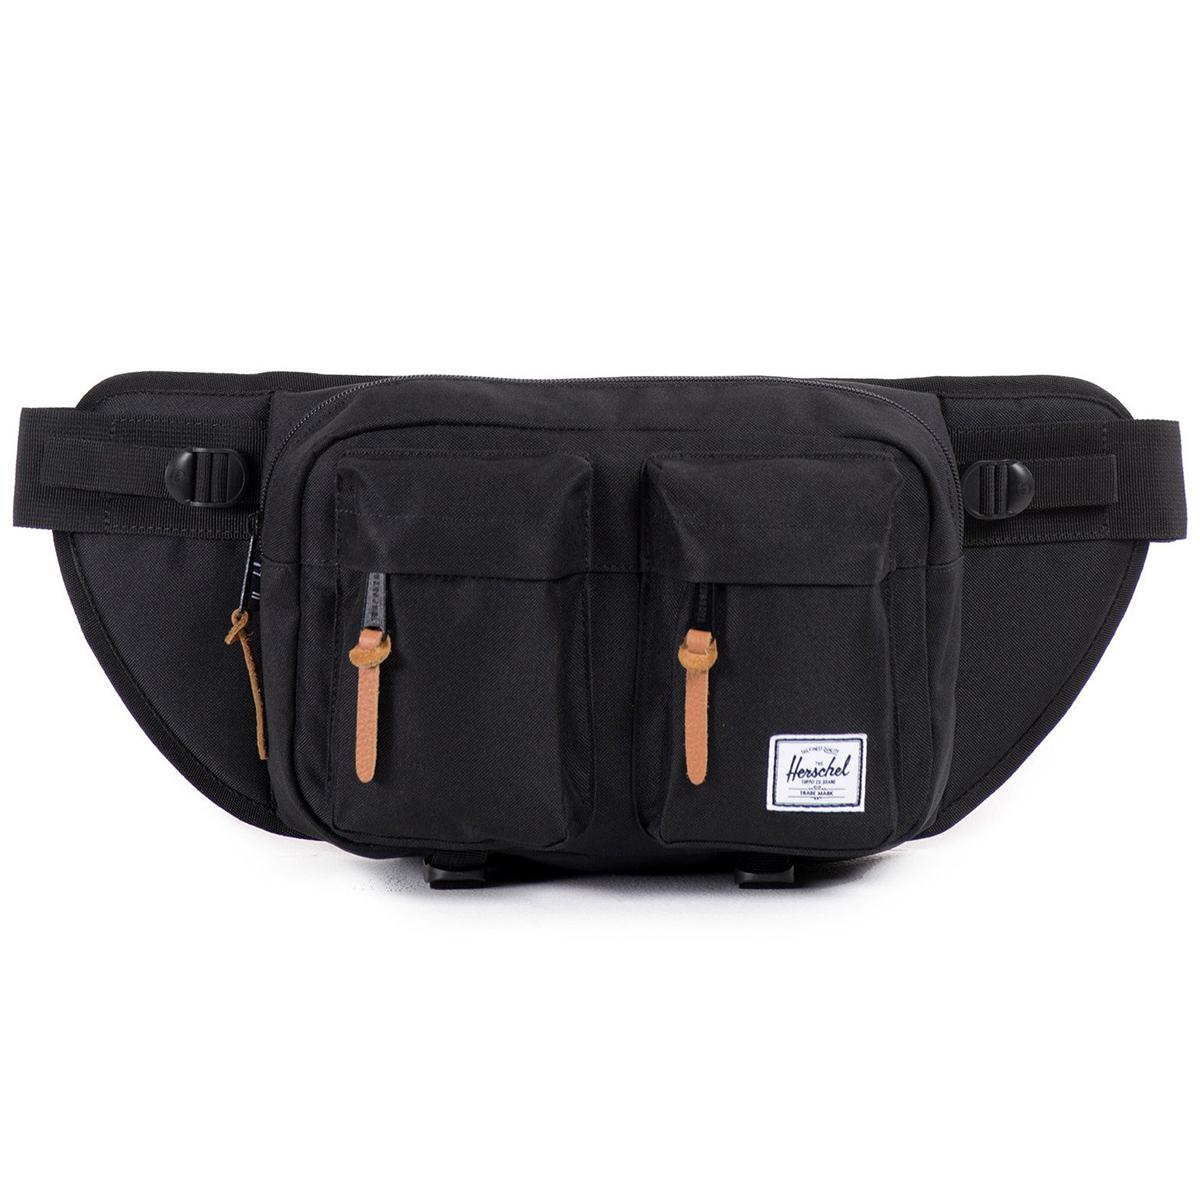 Сумка на пояс Herschel Eighteen (A/S), цвет: черный. 828432006830ГризлиВместительная поясная сумка с двумя внешними карманами. Эта модель отличается своим объемом, за счет которого Вы всегда сможете взять собой чуть больше нужных вещей. Удобный поясной ремень позволяет носить сумку также через плечо, что несомненно оценят, например, любители велосипедных прогулок.